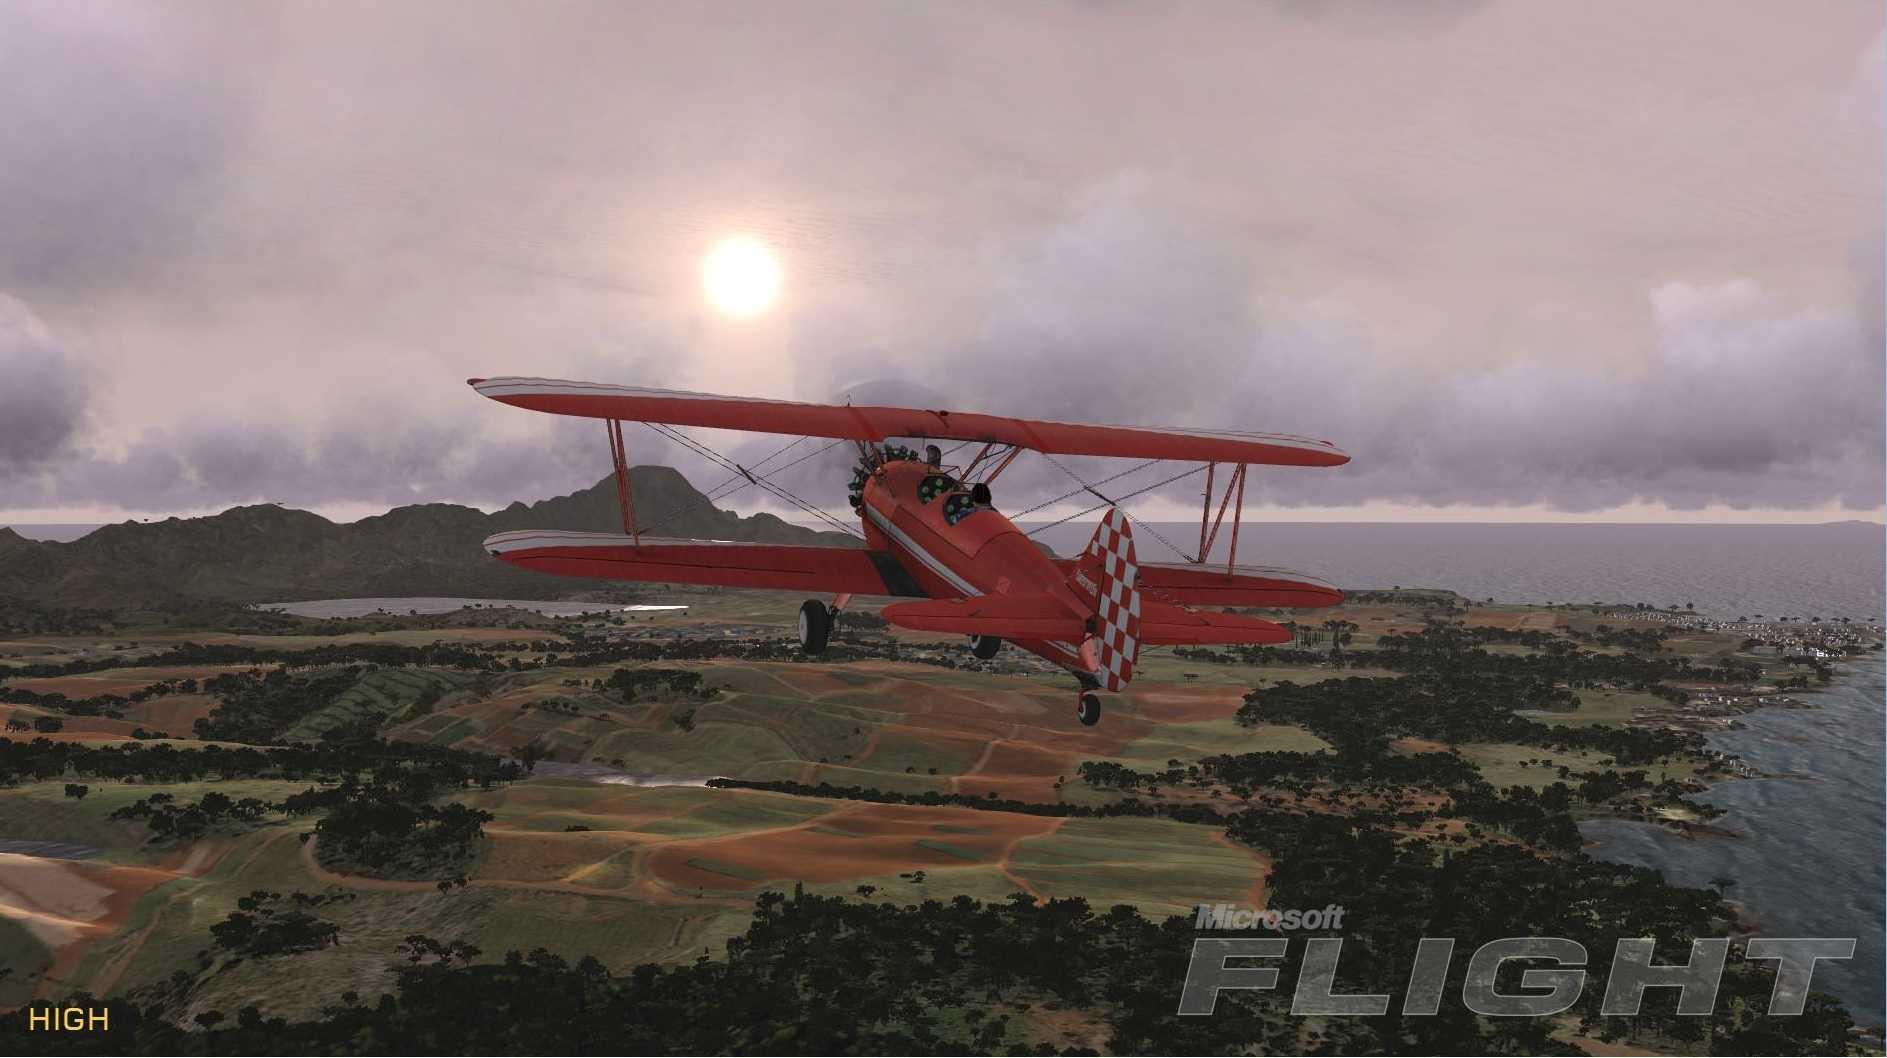 Microsoft Flight sah hübsch aus, war aber für echte Flugsimulationsfans ein Schlag ins Gesicht.